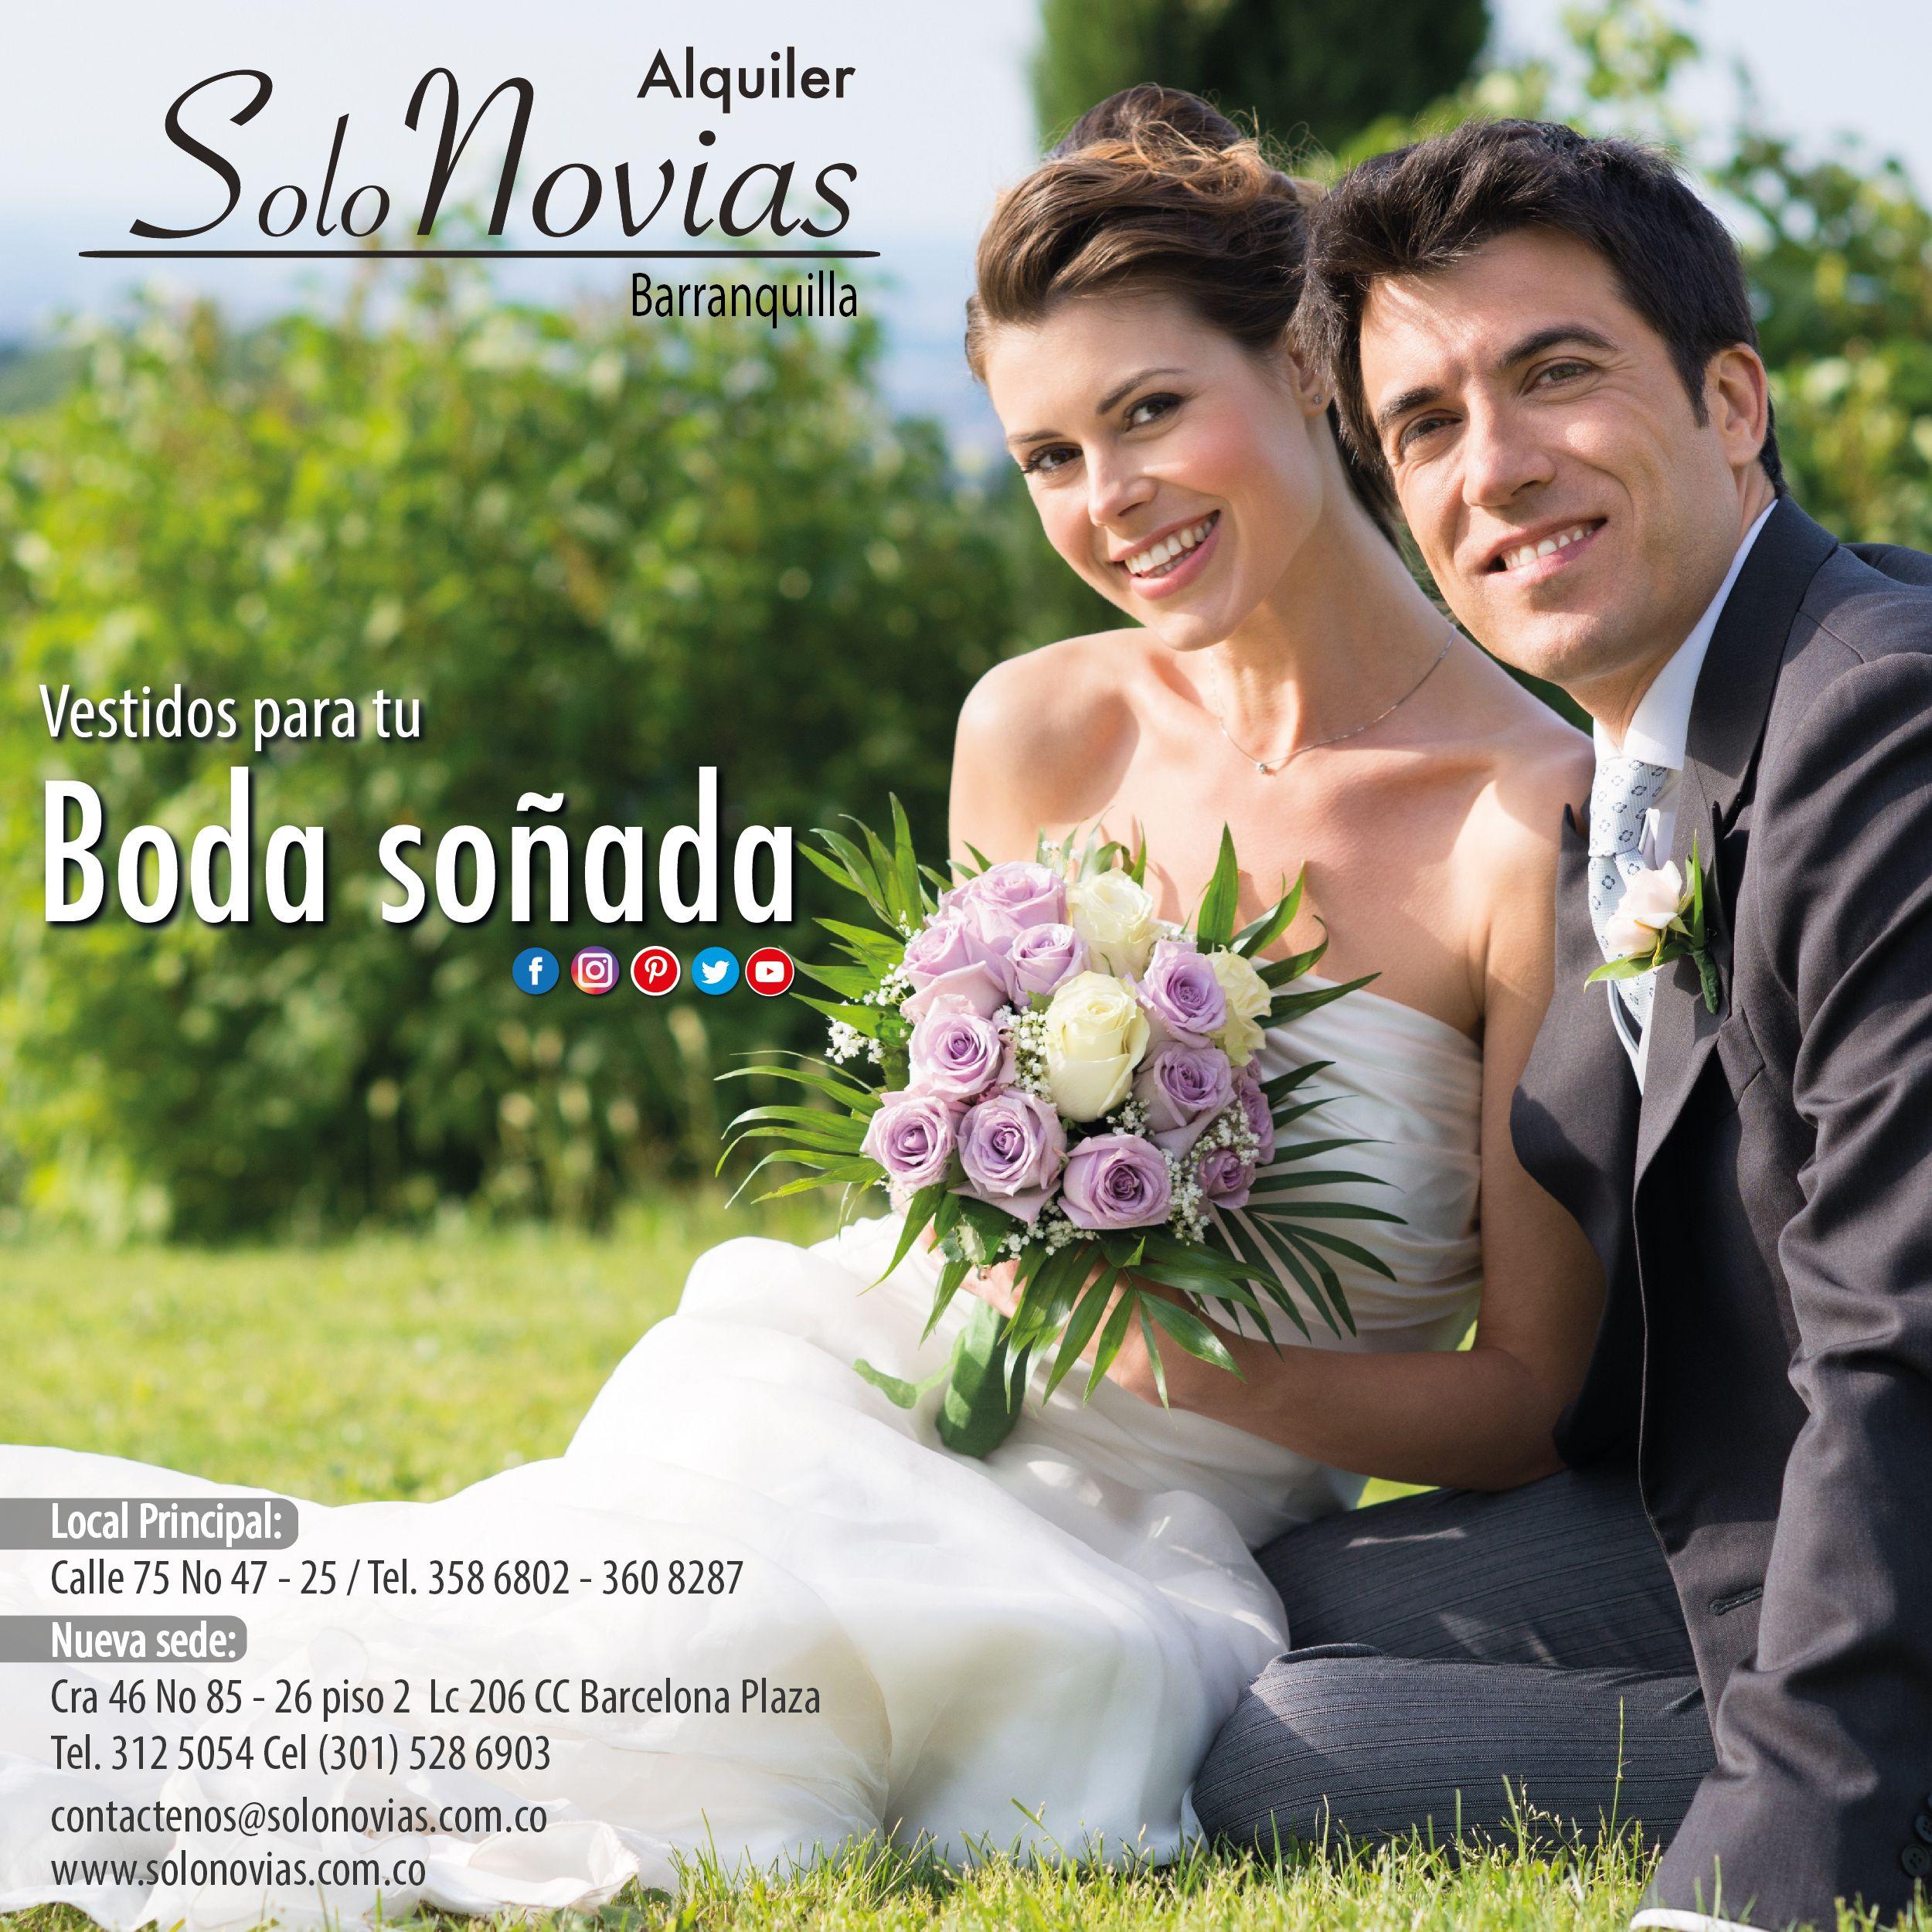 En Solo Novias encuentras el vestido para tu boda soñada. Visítanos  Local  Principal  c83ef13e1cde